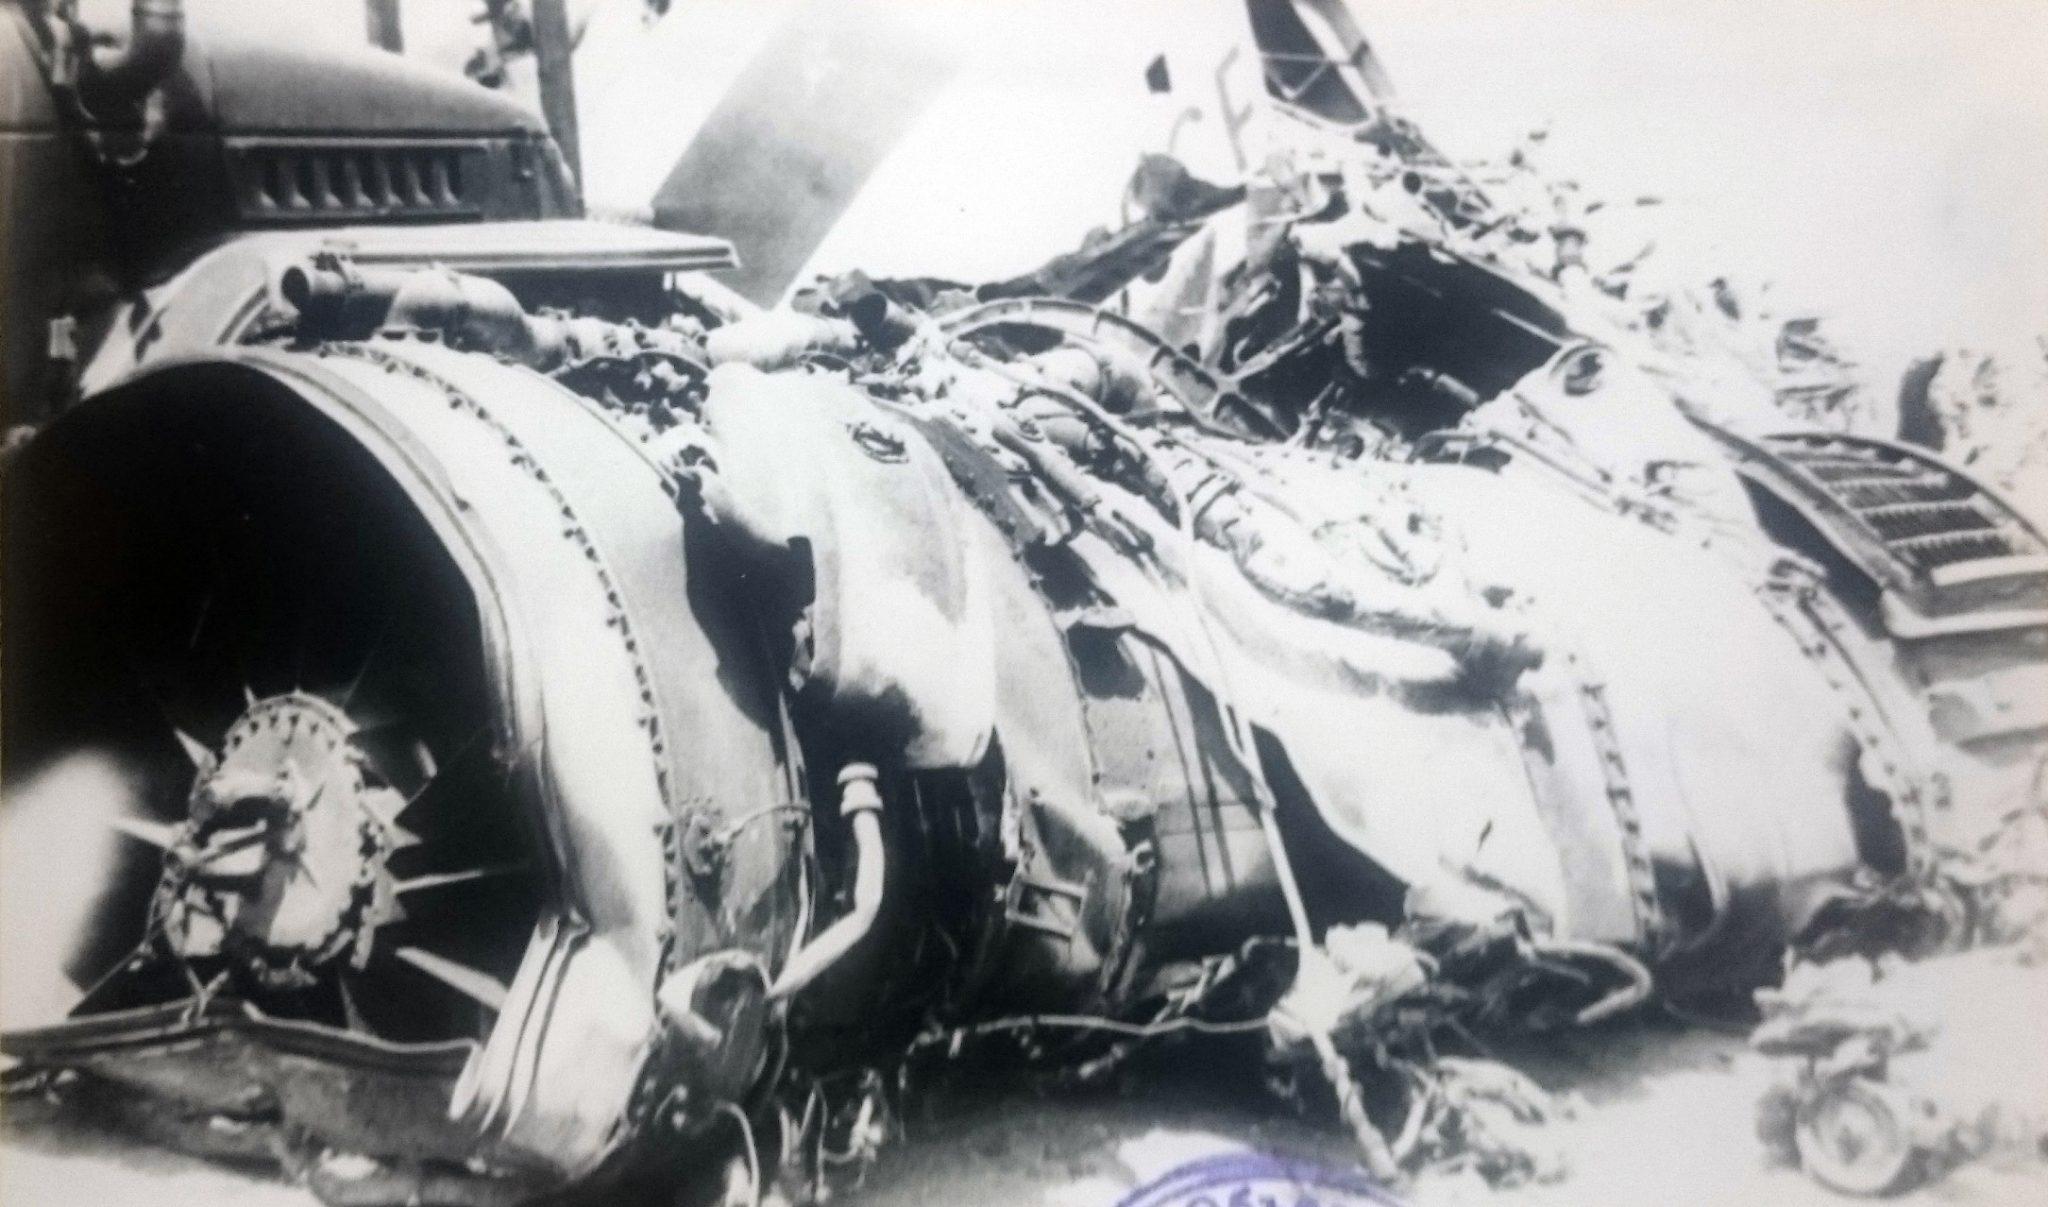 واماندگی مرگبار موتور پرواز 7425 (سوانح هوایی بخش چهارم)